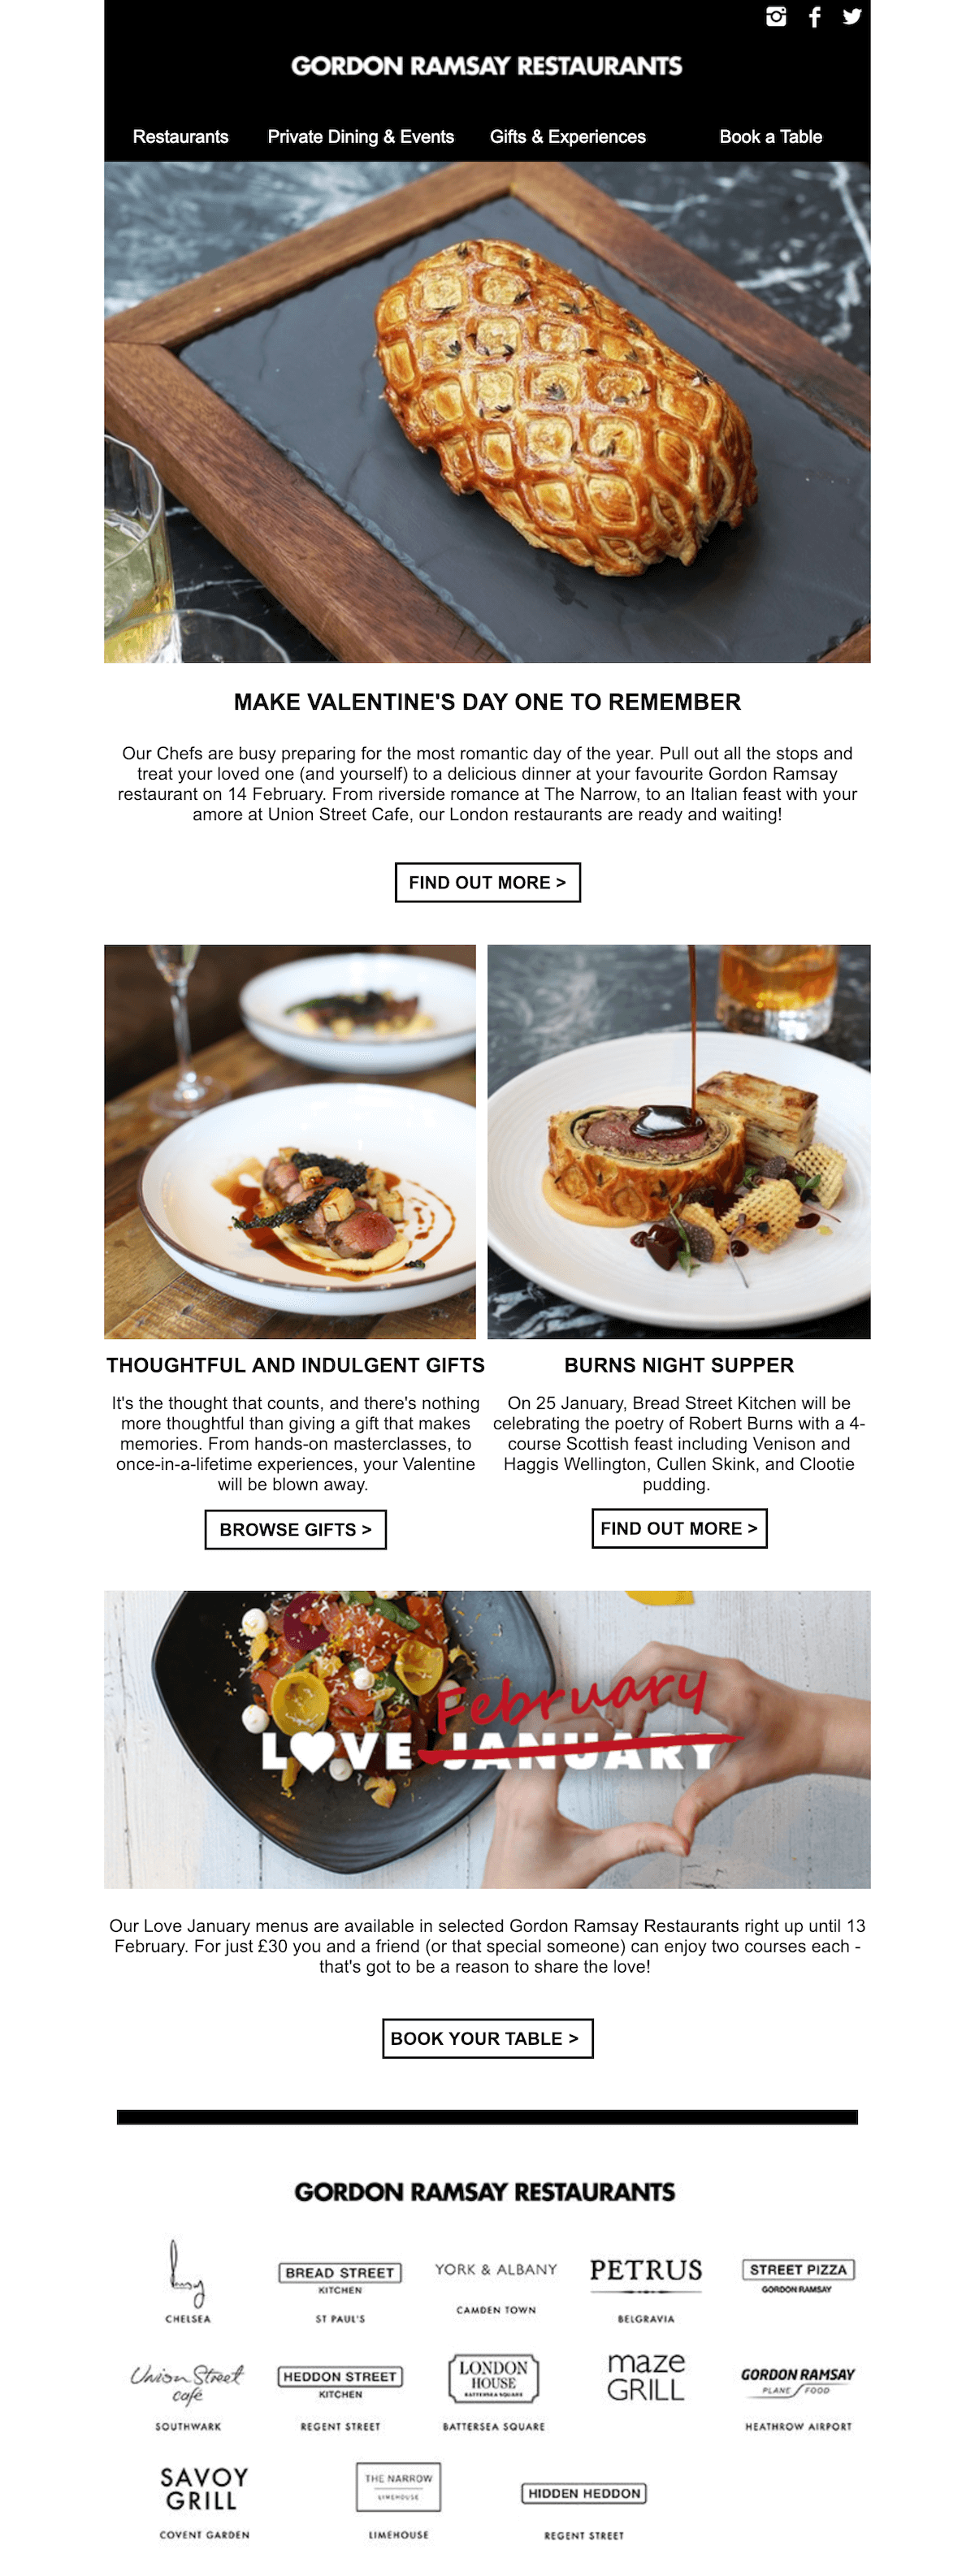 Gordon Ramsay Restaurants Valentine's Day Emaill